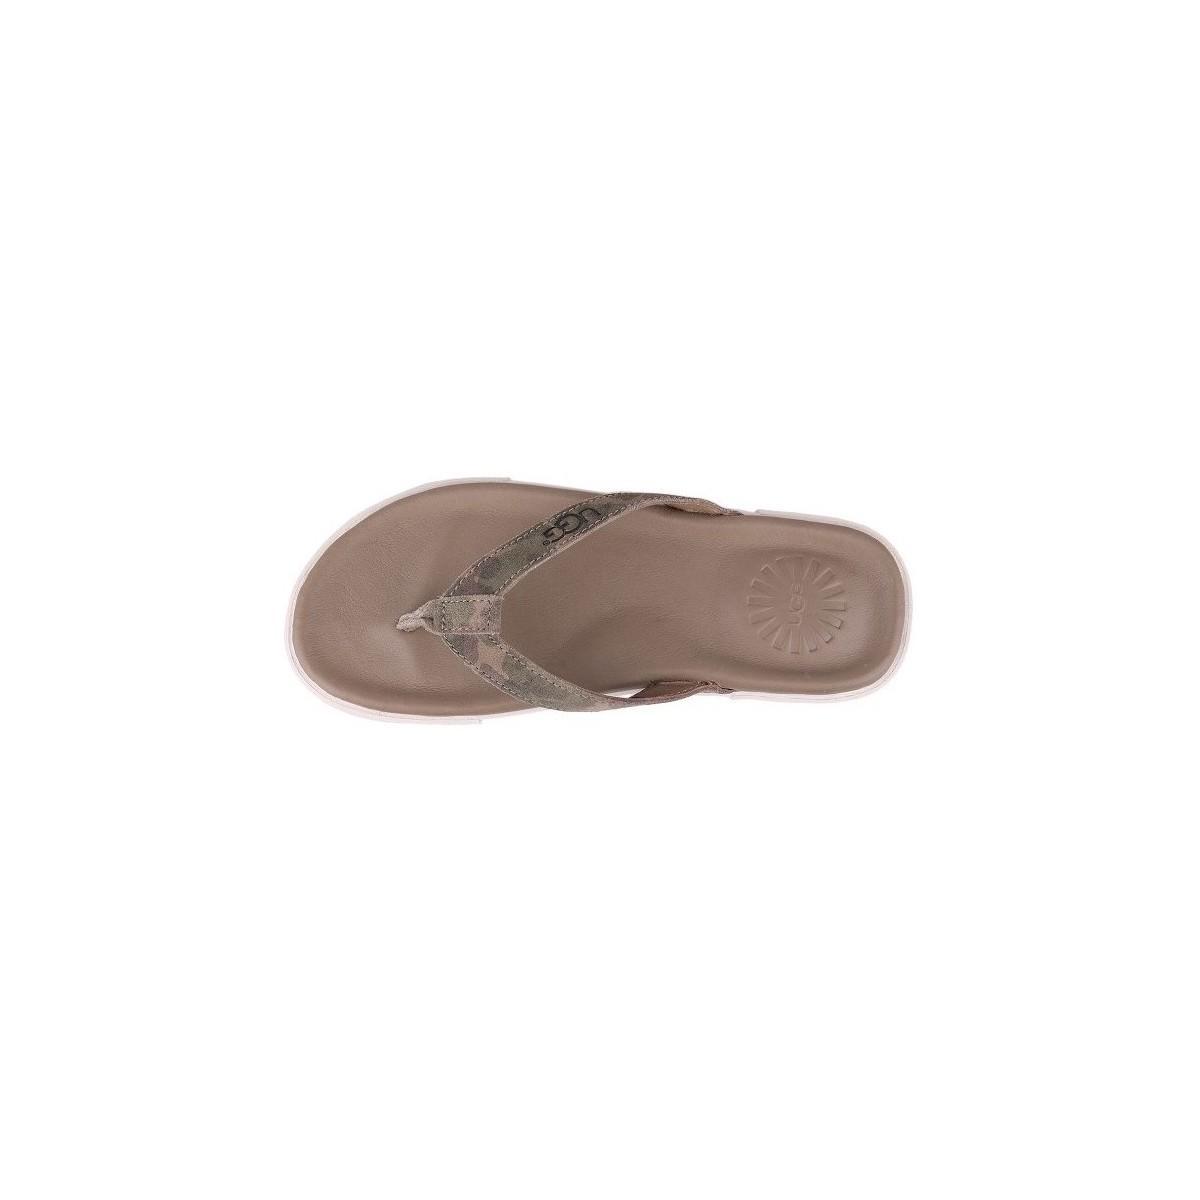 cbfaf17bec9 UGG Bennison Ii Men's Flip Flops / Sandals (shoes) In Multicolour ...